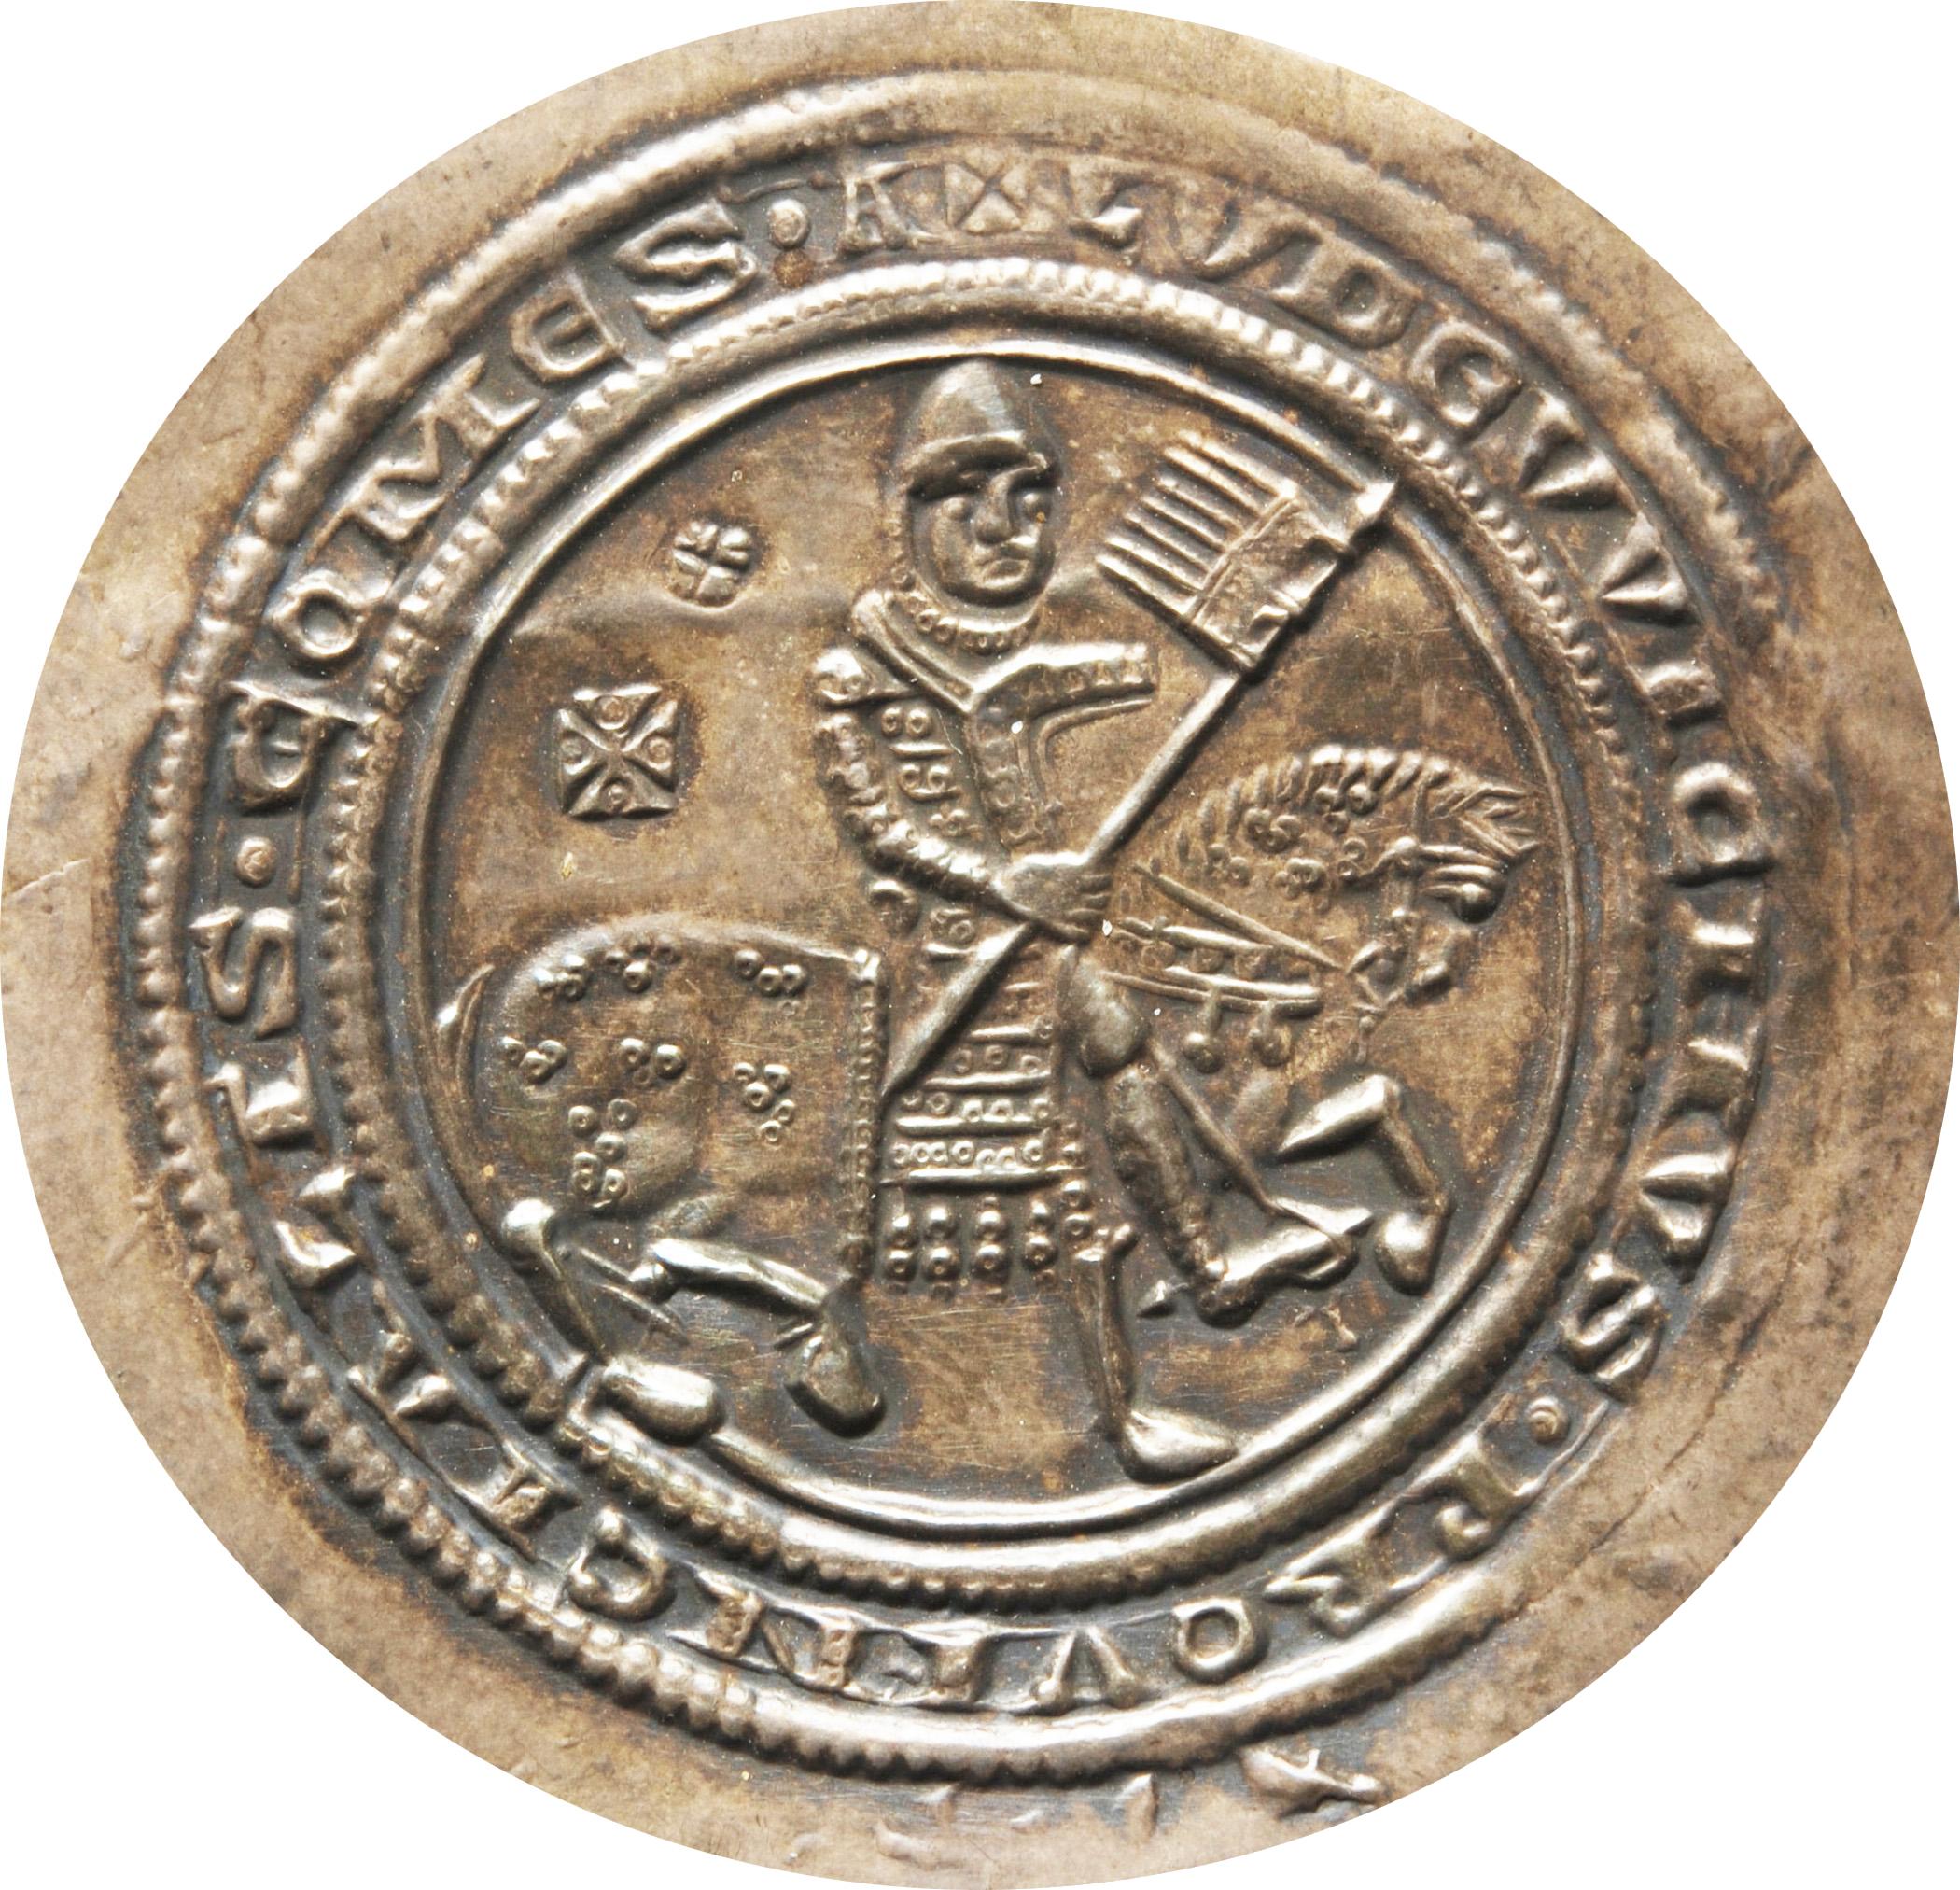 Gesellschaft für Thüringer Münz- und Medaillenkunde e.V.